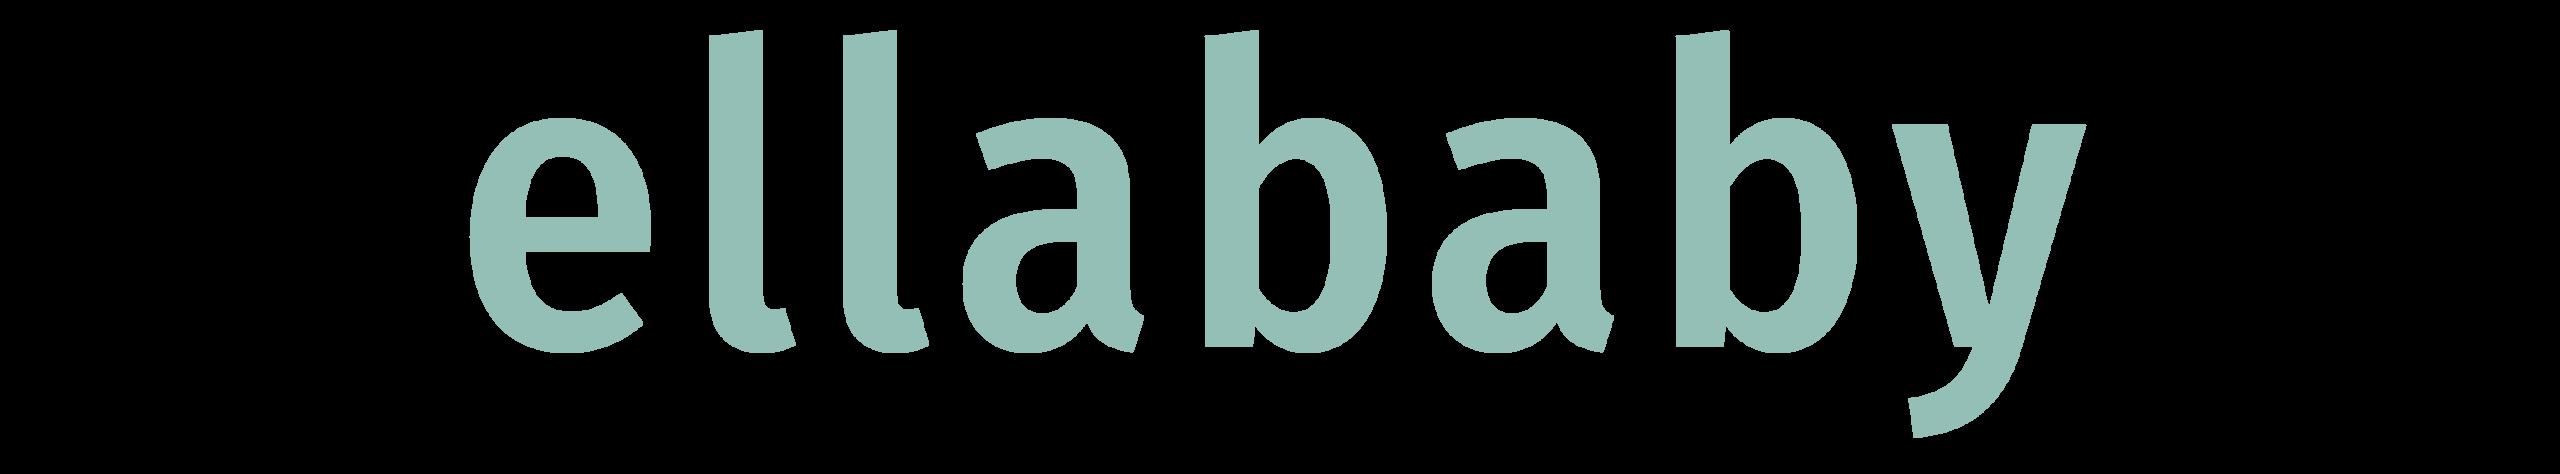 ellababy